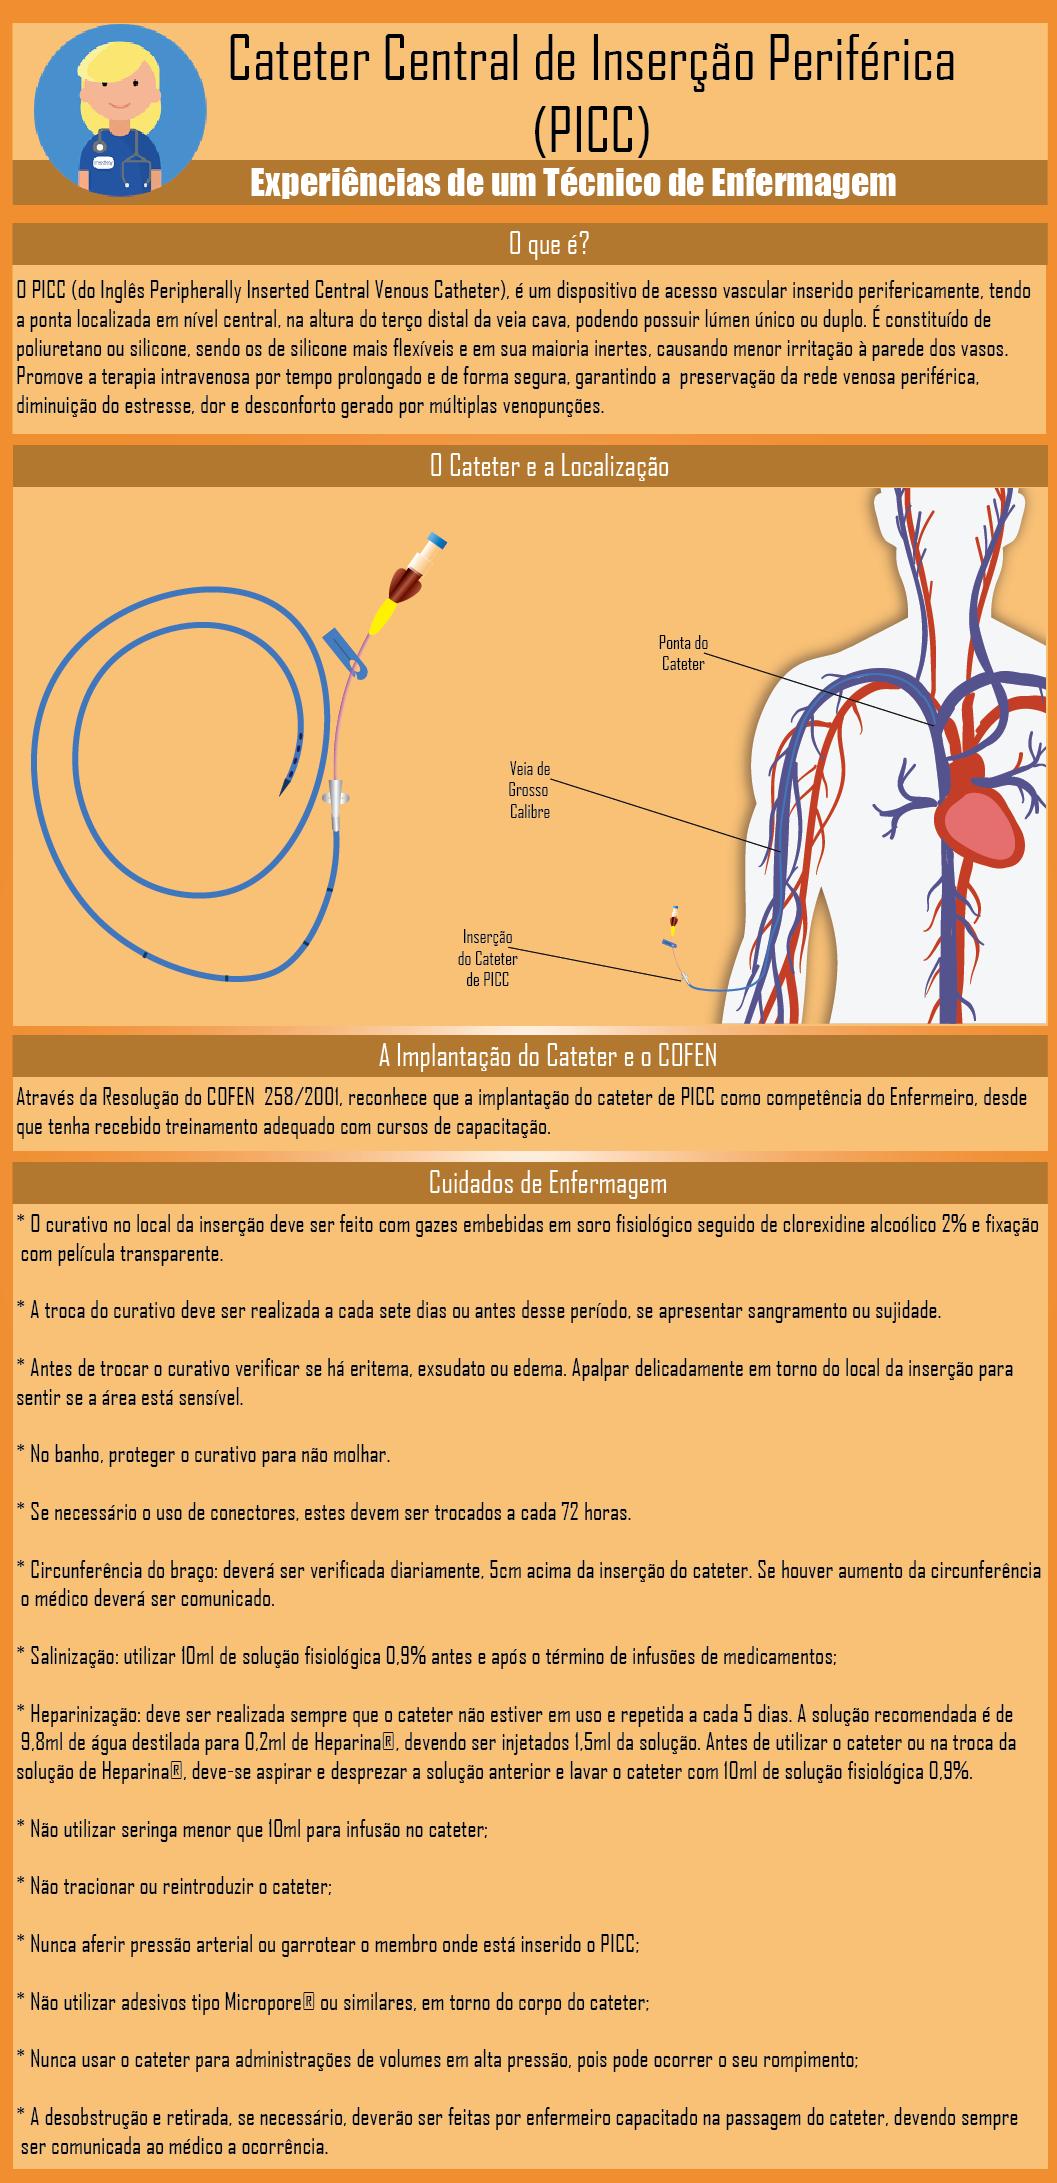 Cateter Central de Inserção Periférica (PICC) | Medicina, Anatomía y ...